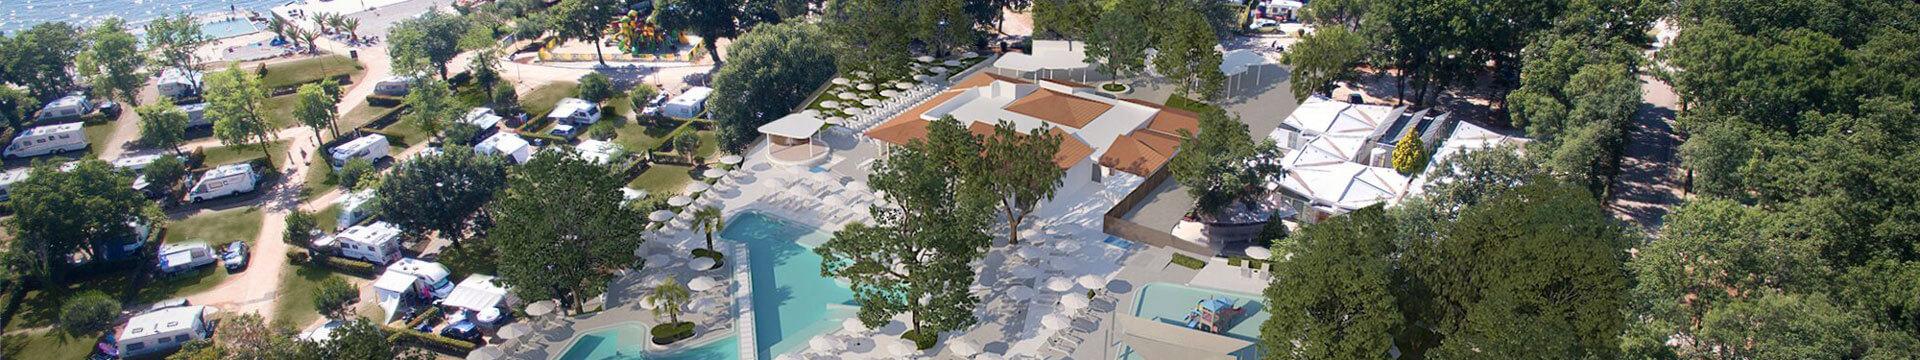 U 2019. godini kamp Aminess Park Mareda mijenja ime u Aminess Maravea Camping Resort